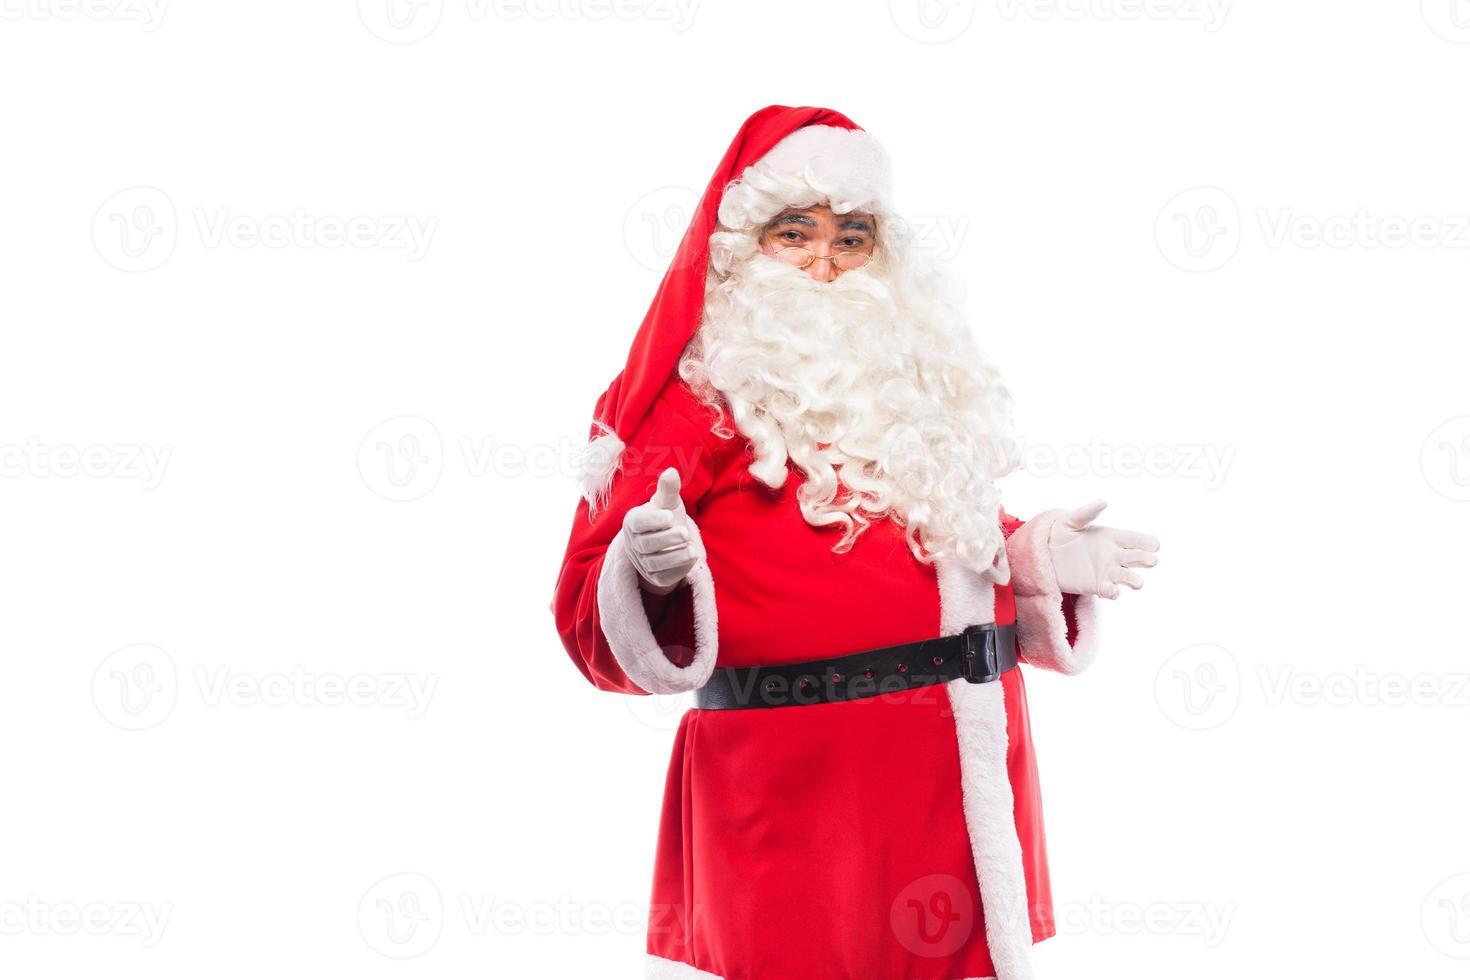 Weihnachtsmann mit Brille auf weißem Hintergrund, mit Kopierraum foto